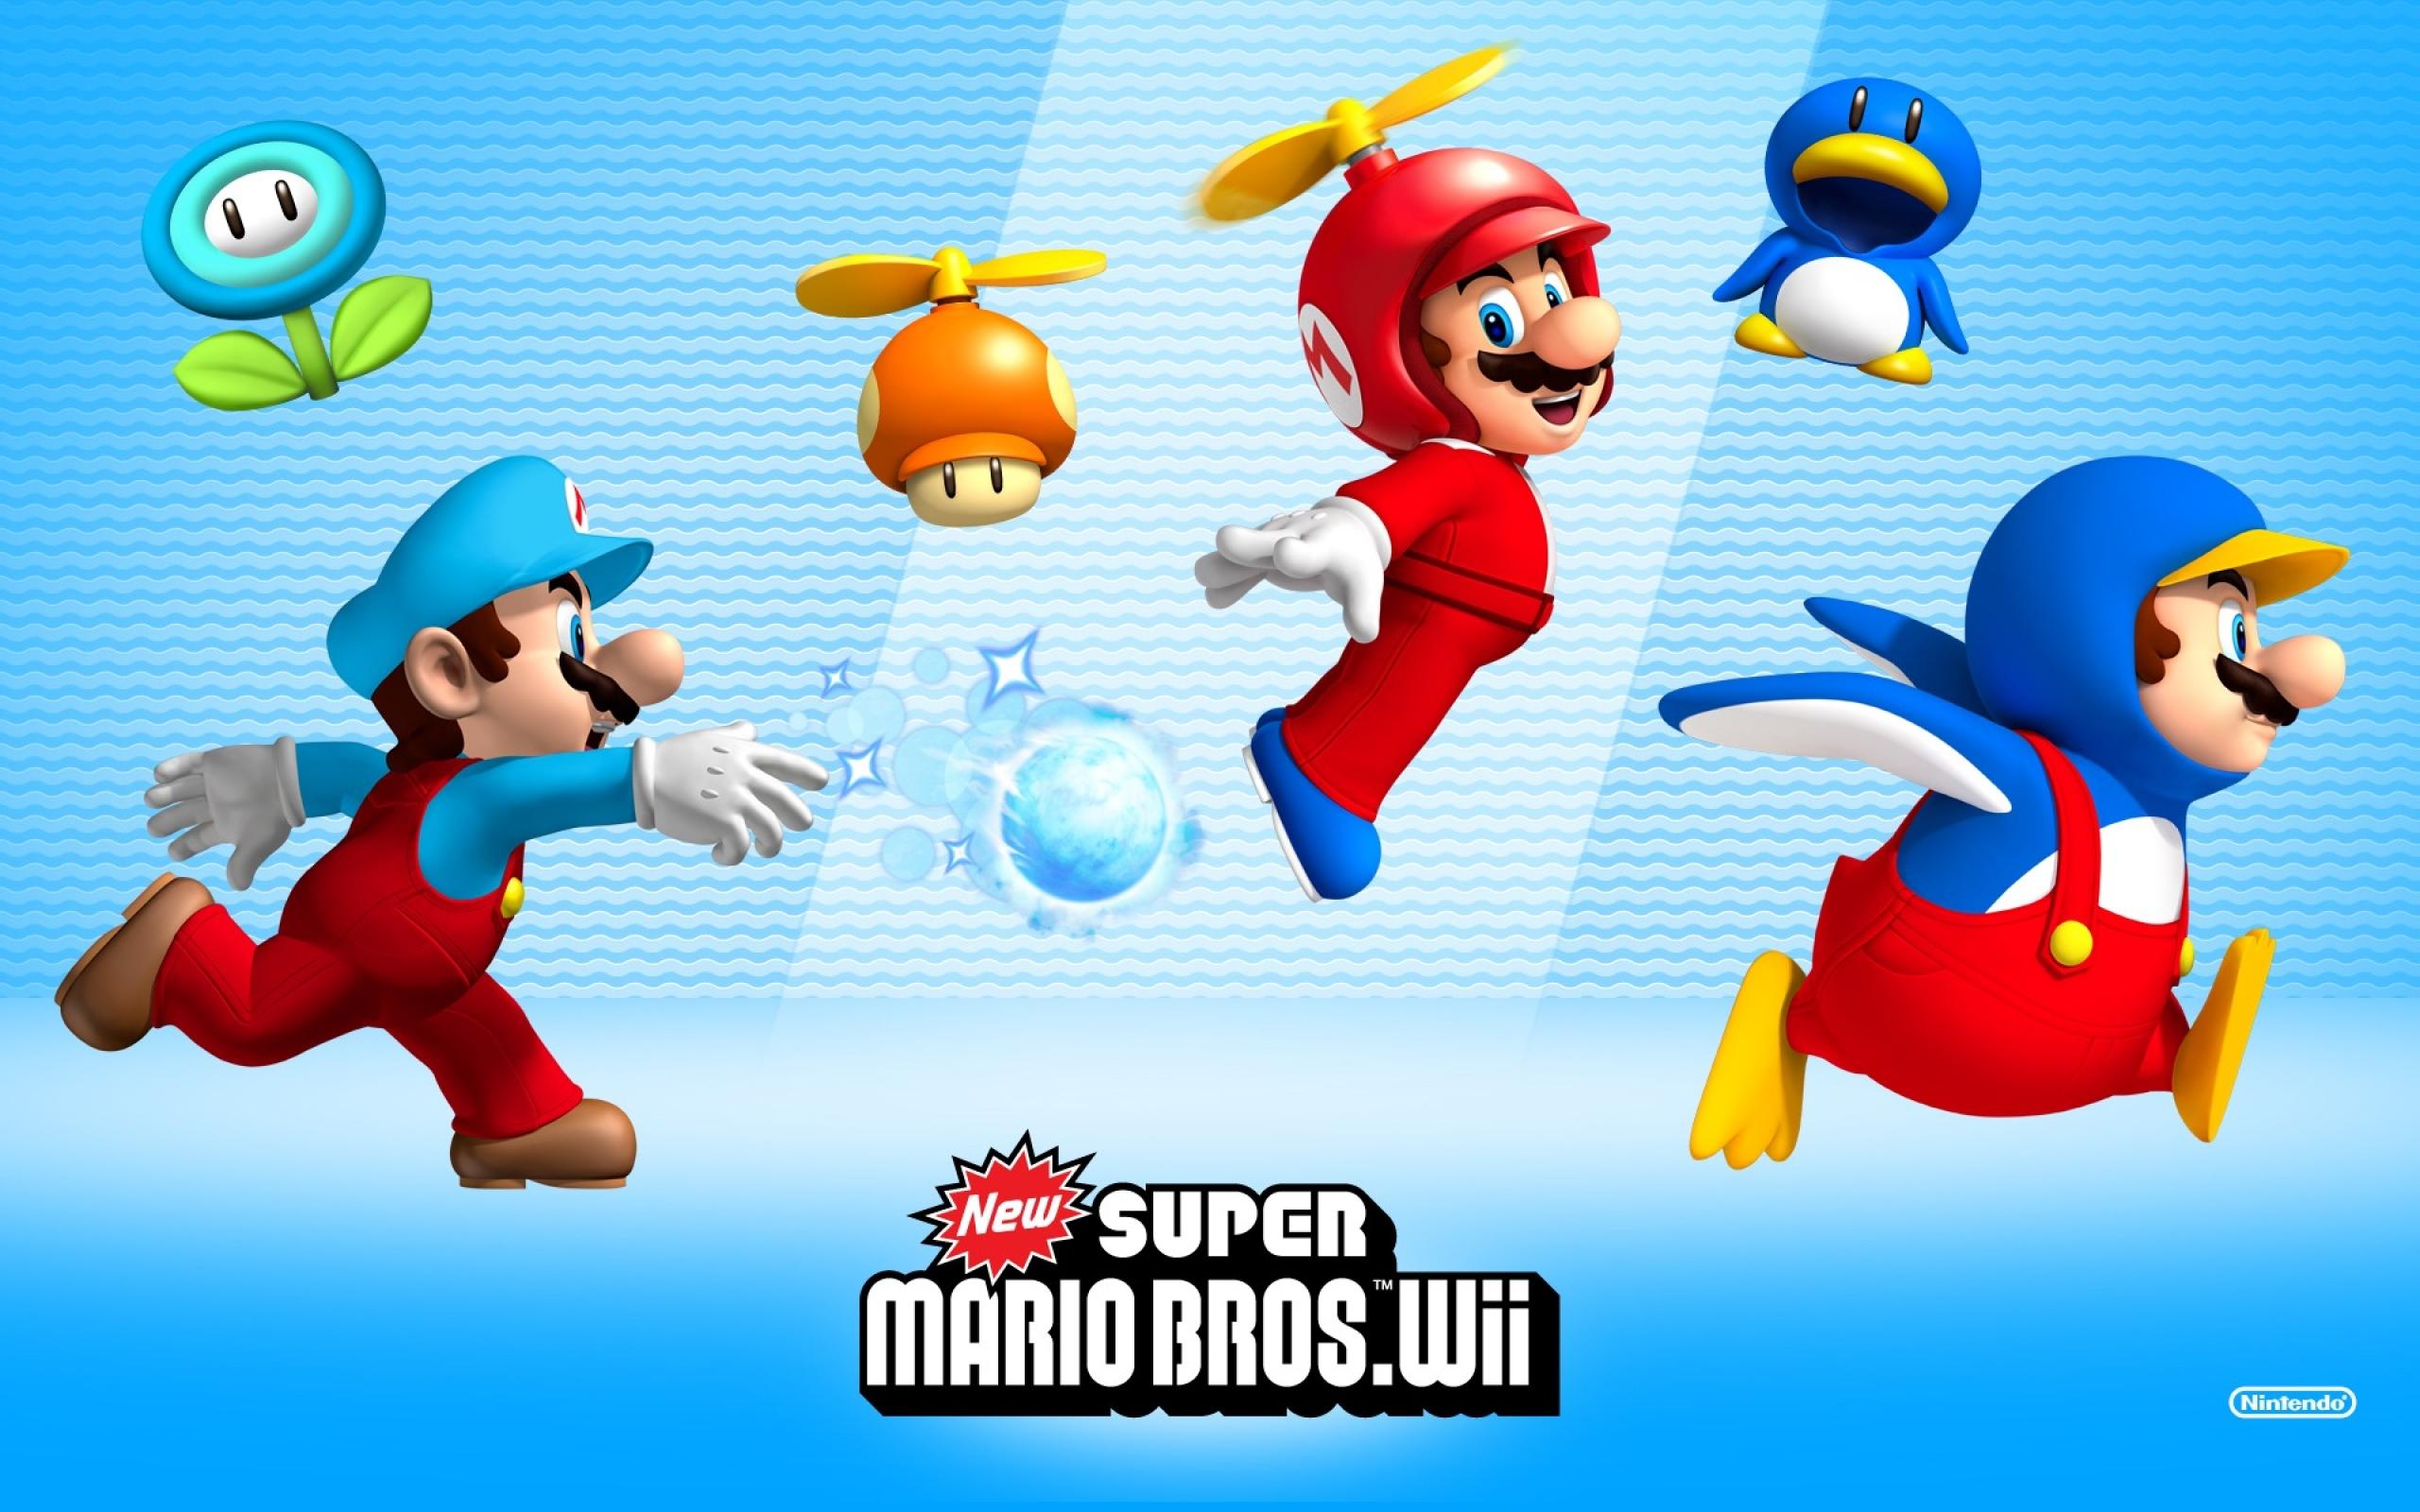 super mario wallpaper hd 47125 2560x1600 px